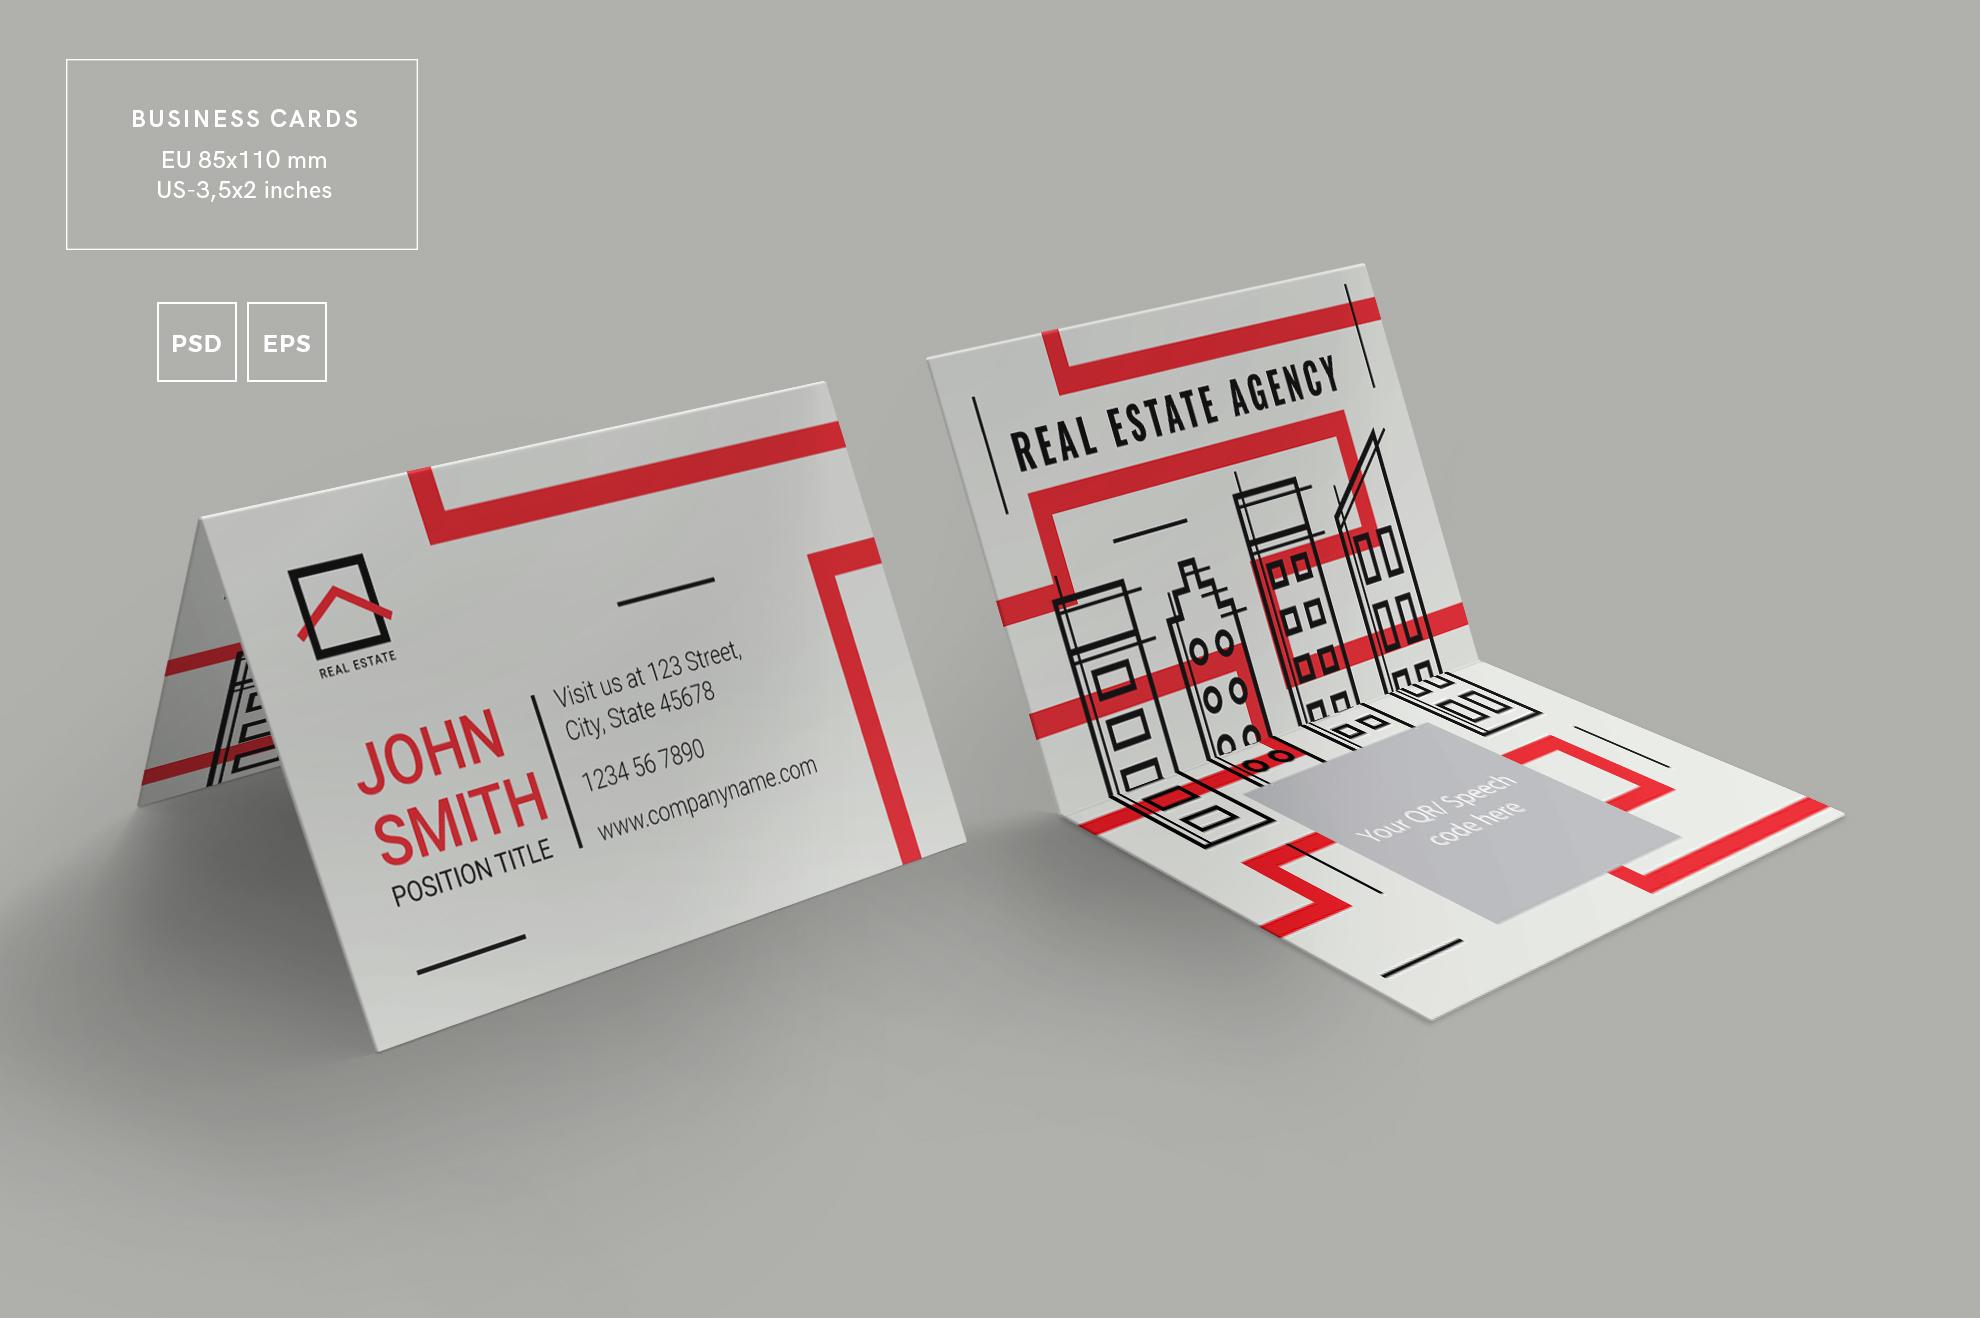 Real Estate Agency Business Card Design | Design Bundles